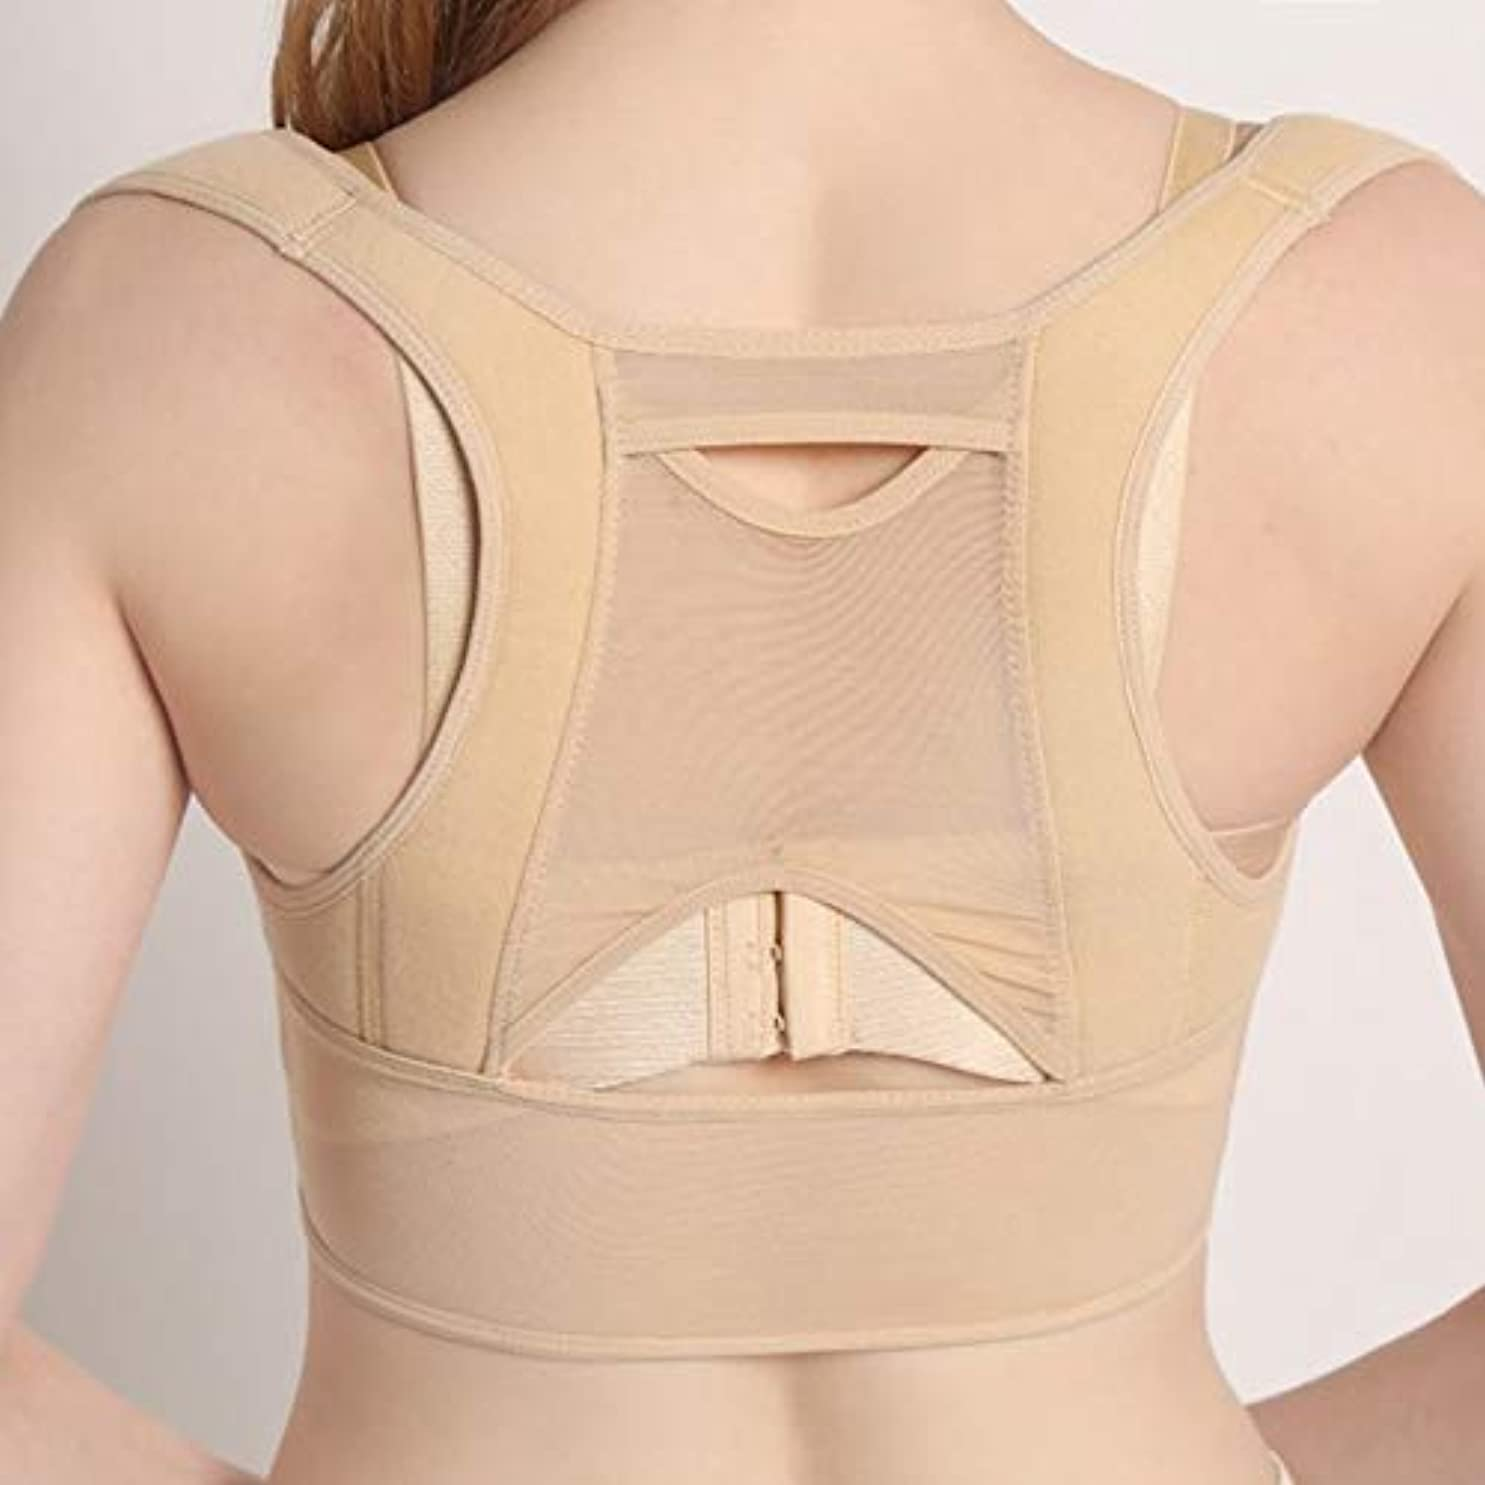 昨日結晶ペン女性の背部姿勢補正コルセット整形外科の上部背部肩背骨姿勢補正器腰椎サポート-ベージュホワイトM